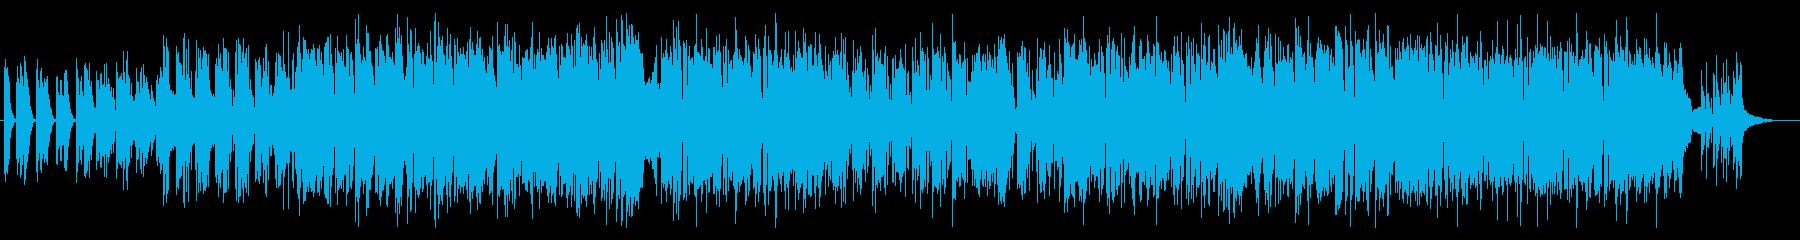 キラキラ系、テーマソング風8bitポップの再生済みの波形